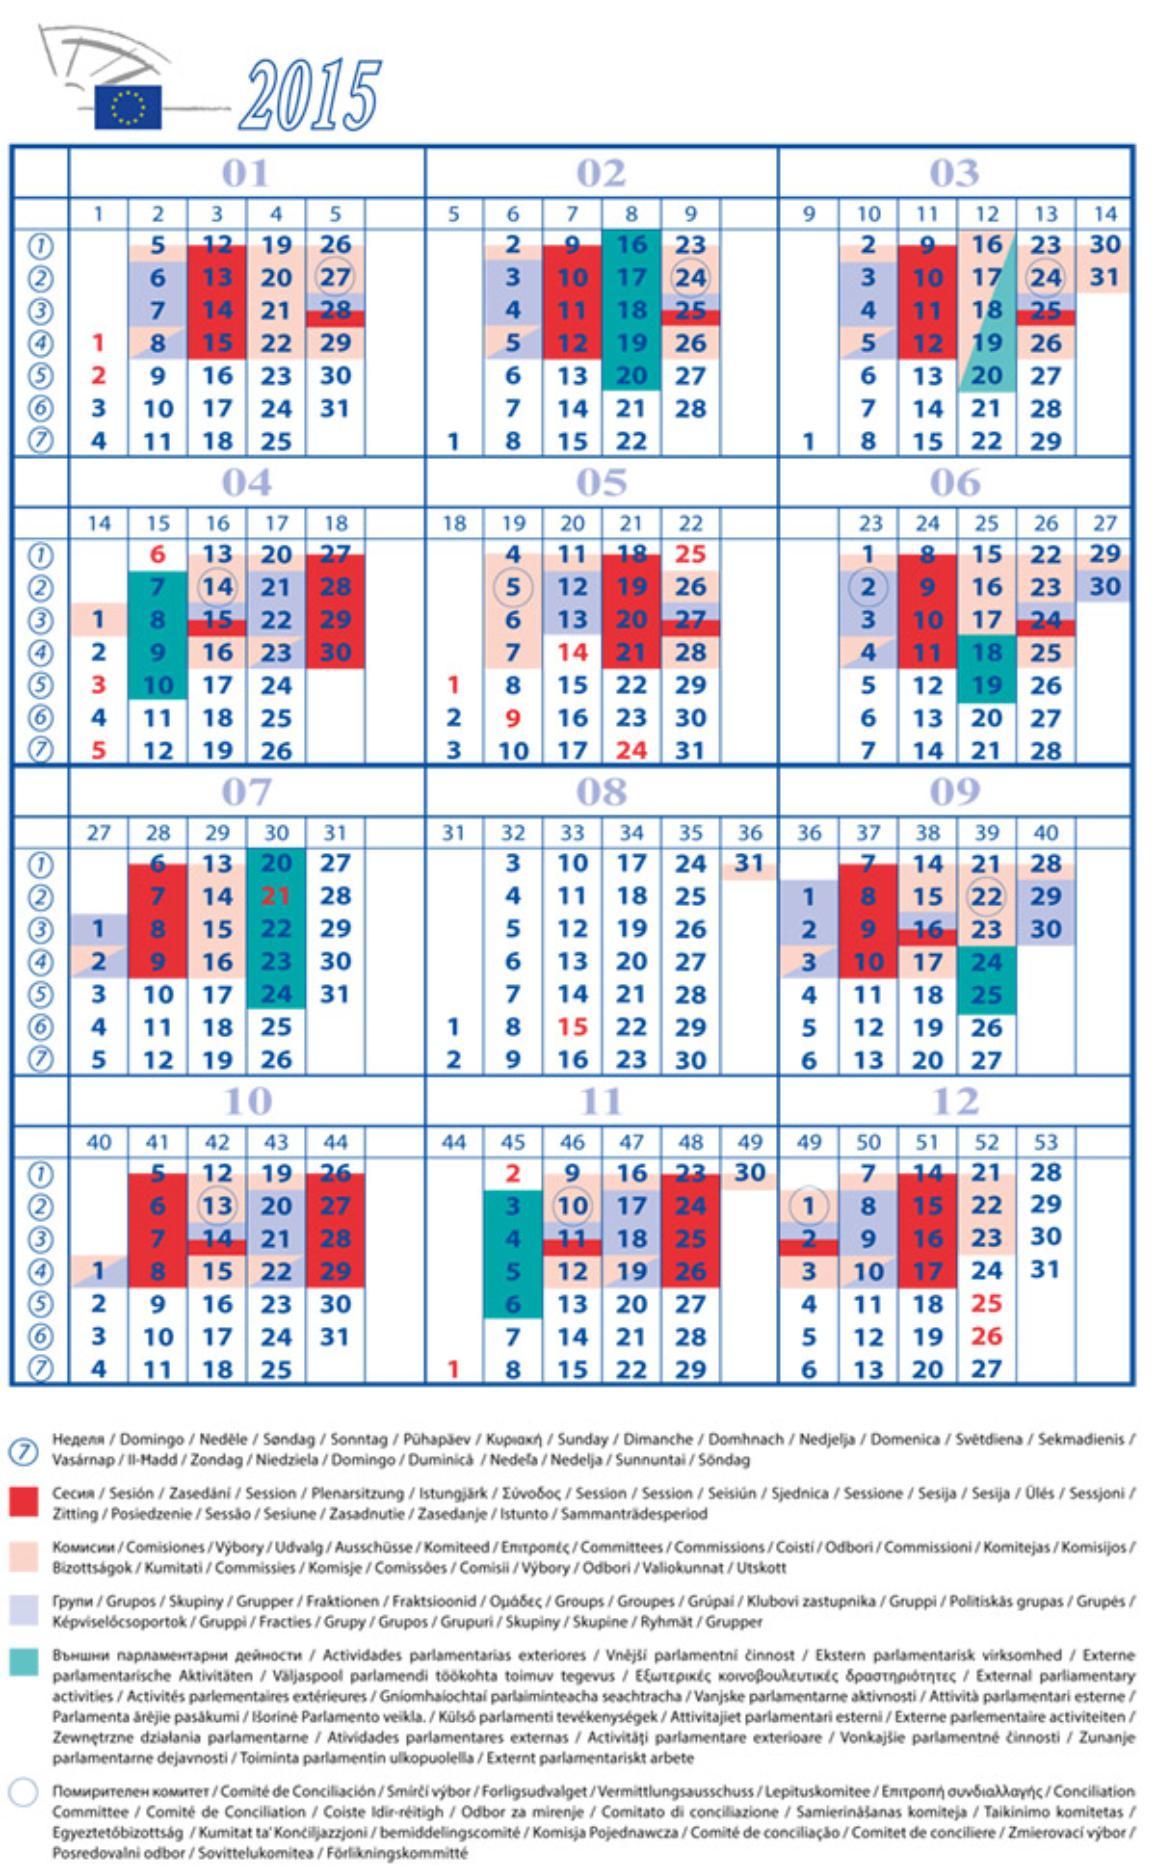 Le calendrier pour l'année 2015 du Parlement européen